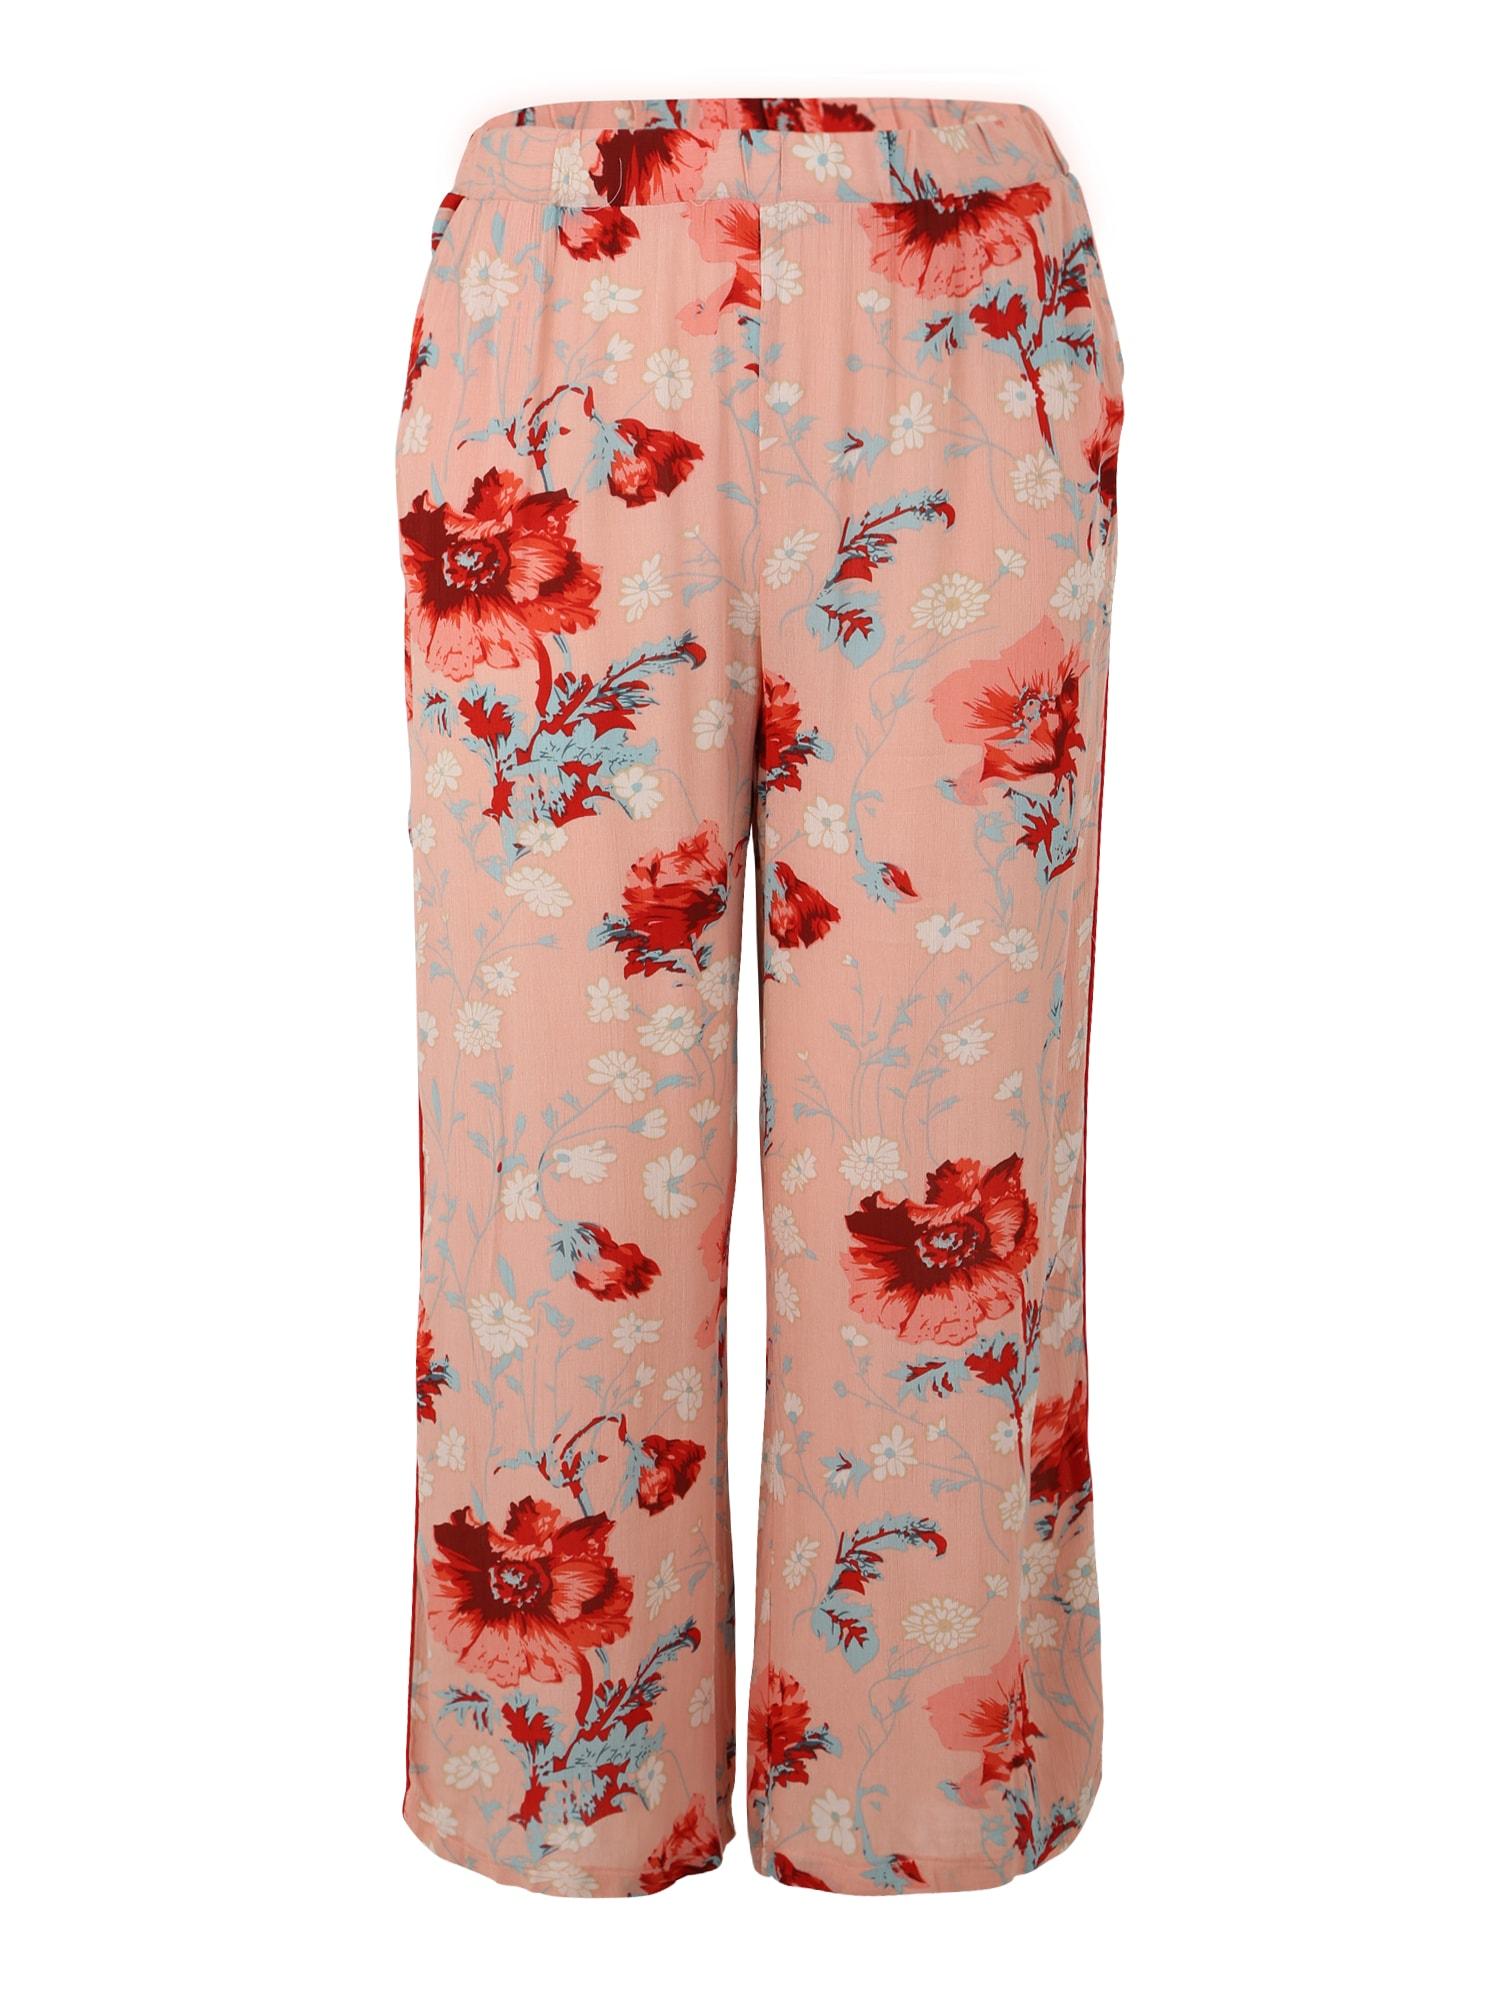 ONLY Carmakoma Kelnės 'Flora Zinnia' mišrios spalvos / rožių spalva